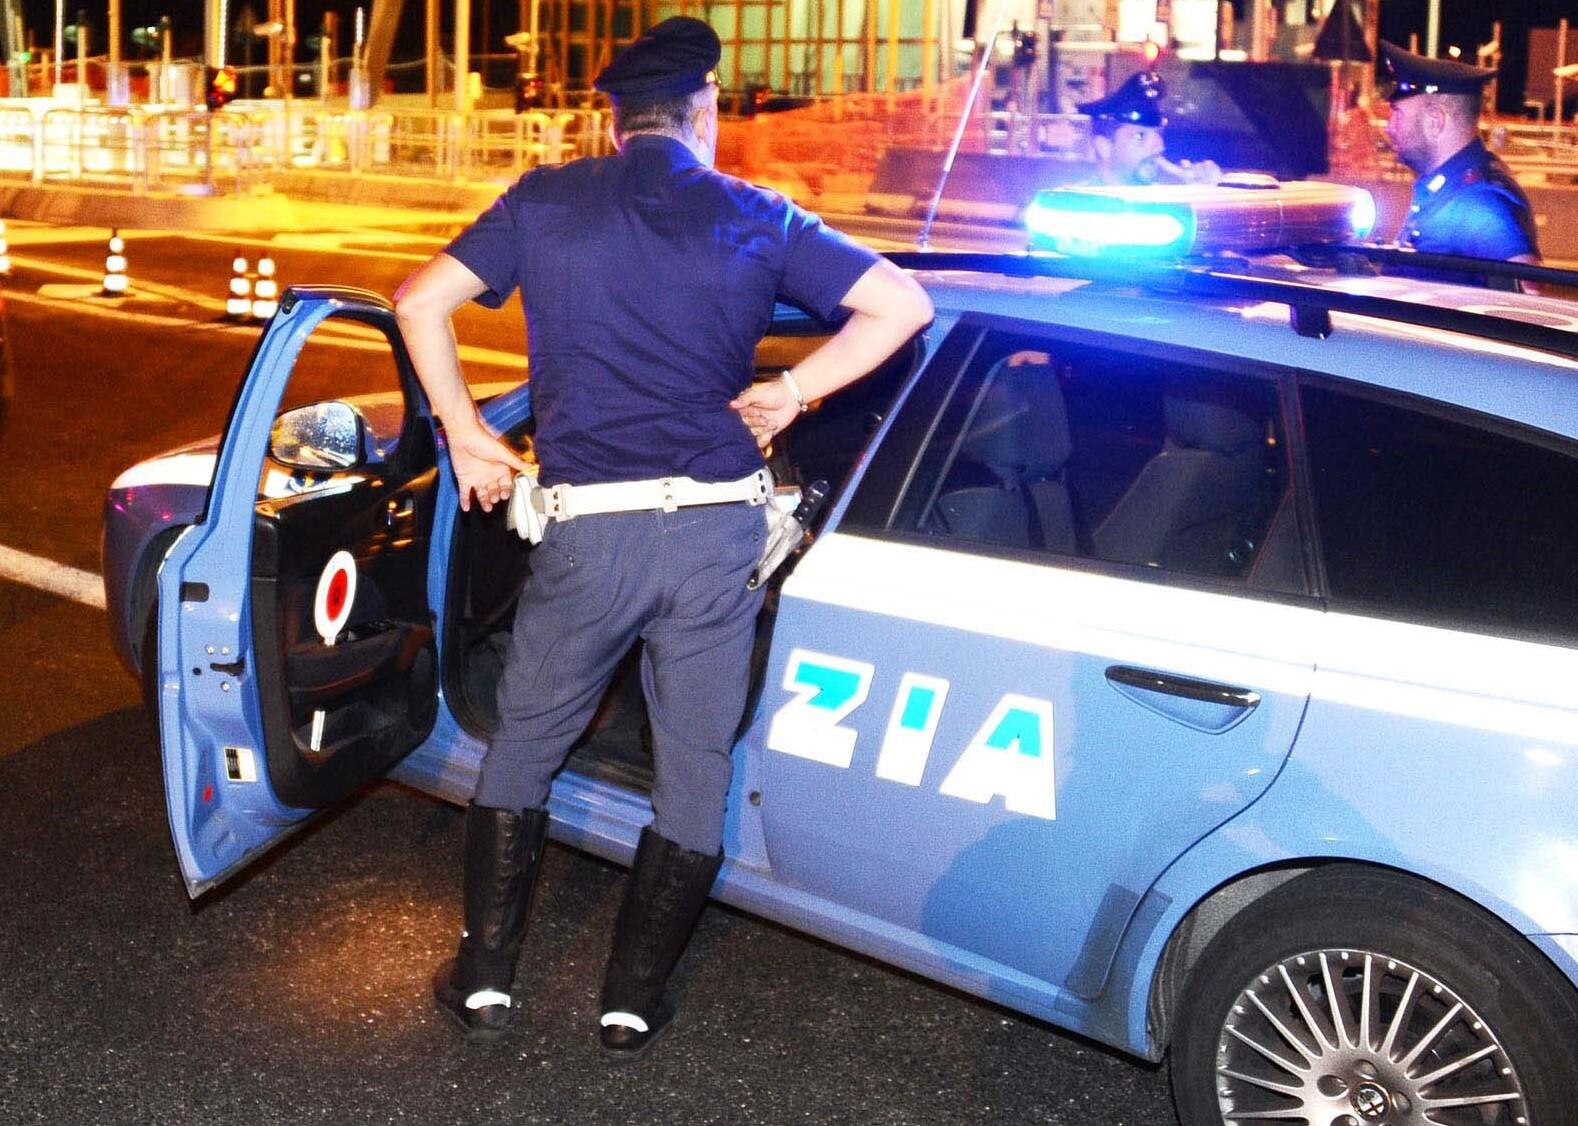 Fermato ubriaco contromano di notte in autostrada tra Faenza e Imola